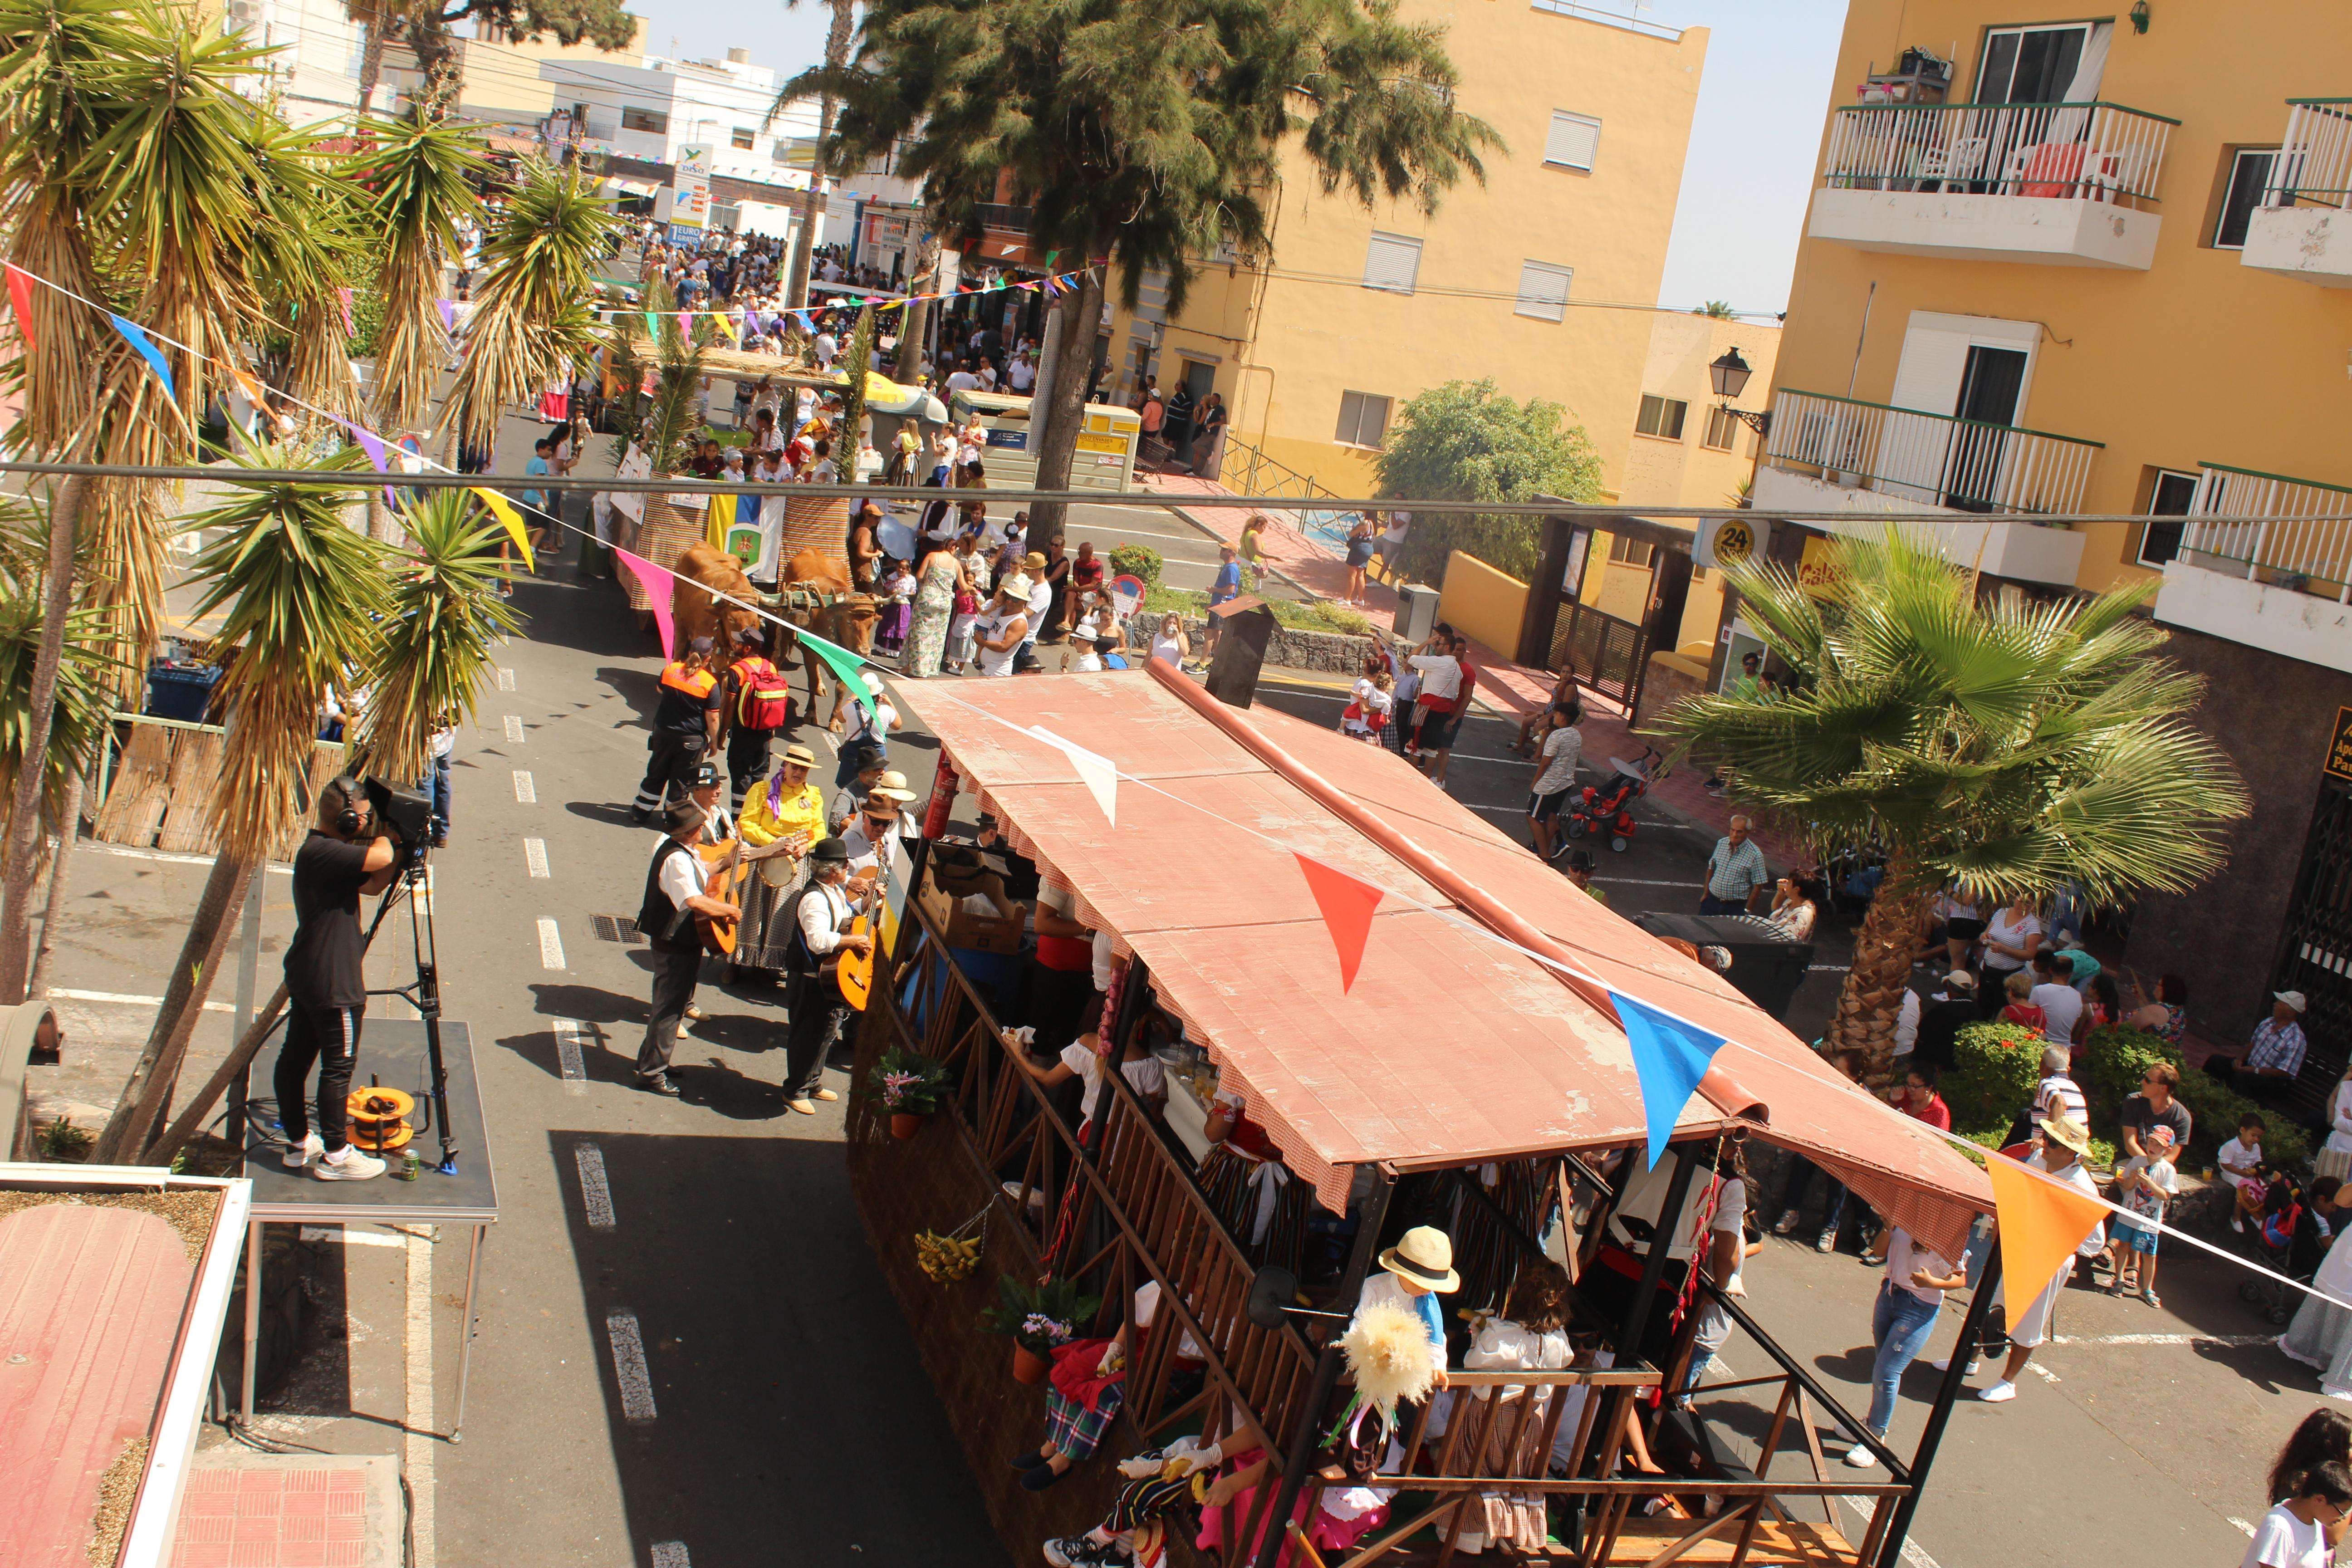 La Romería de San Miguel de Abona congregó a miles de personas